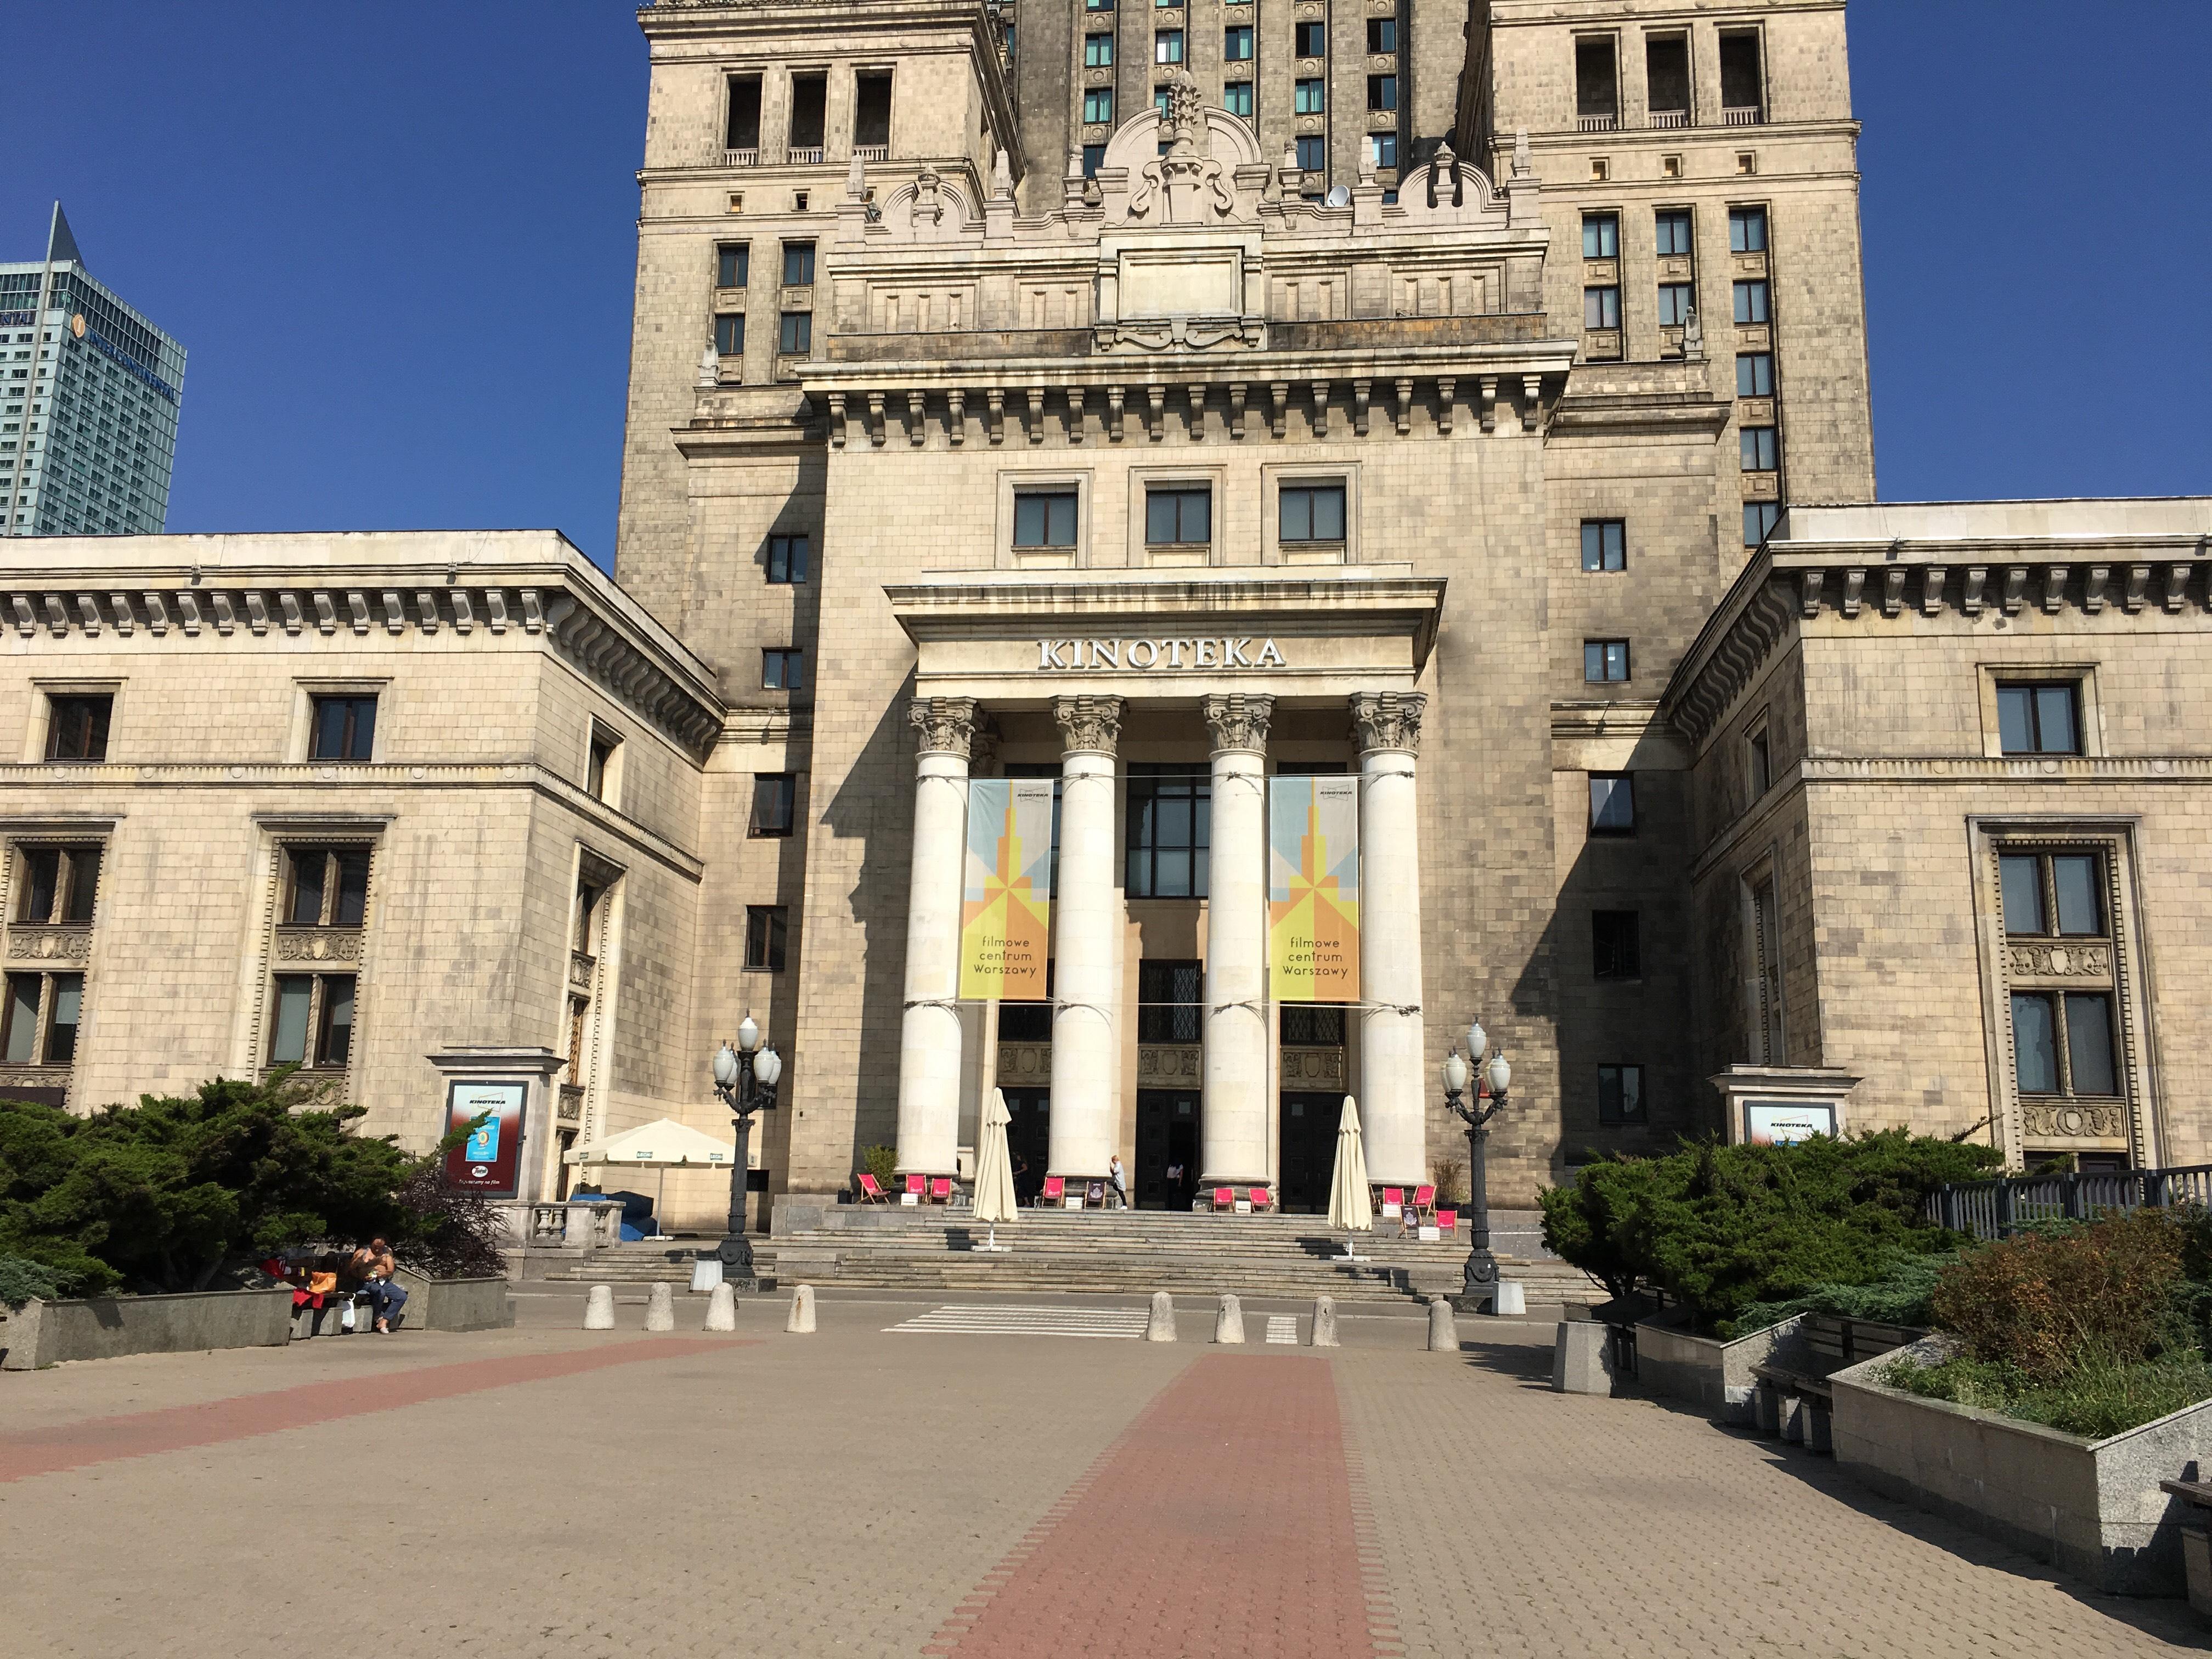 Pałac Kultury i Nauki bardziej dostępny dla osób z niepełnosprawnościami